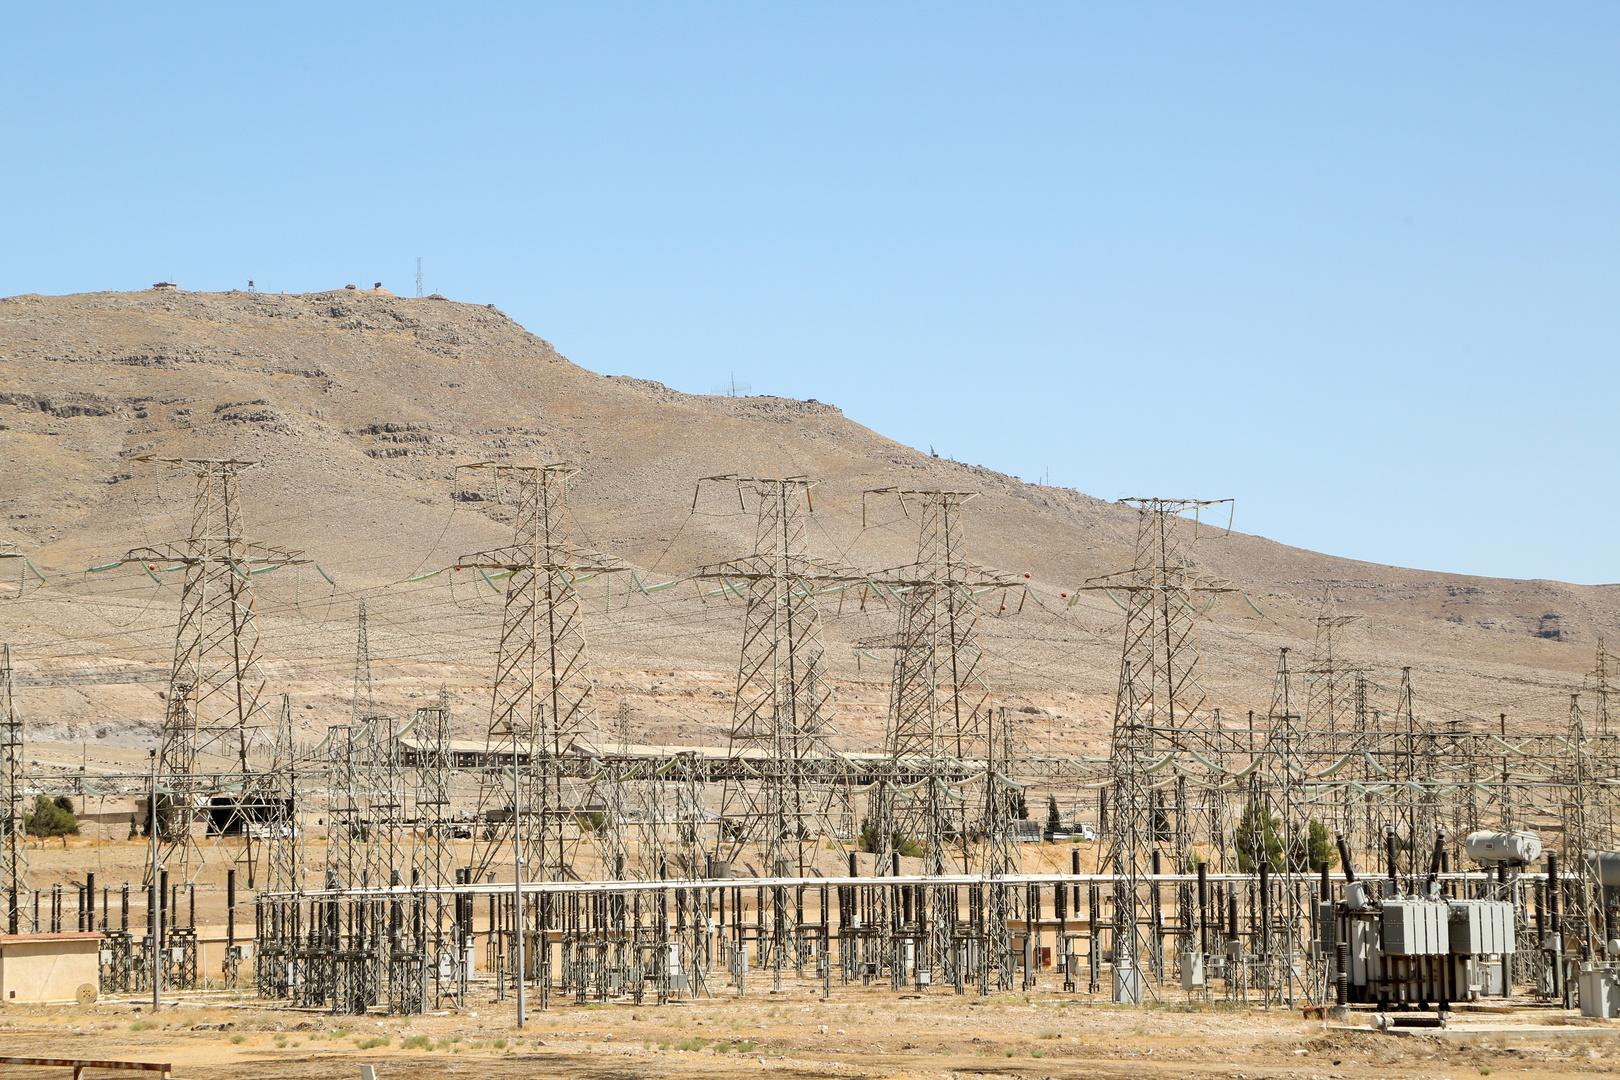 وزير الاقتصاد: دمشق توافق على مشروع معشركة إماراتية لإقامة محطة توليد كهروضوئية